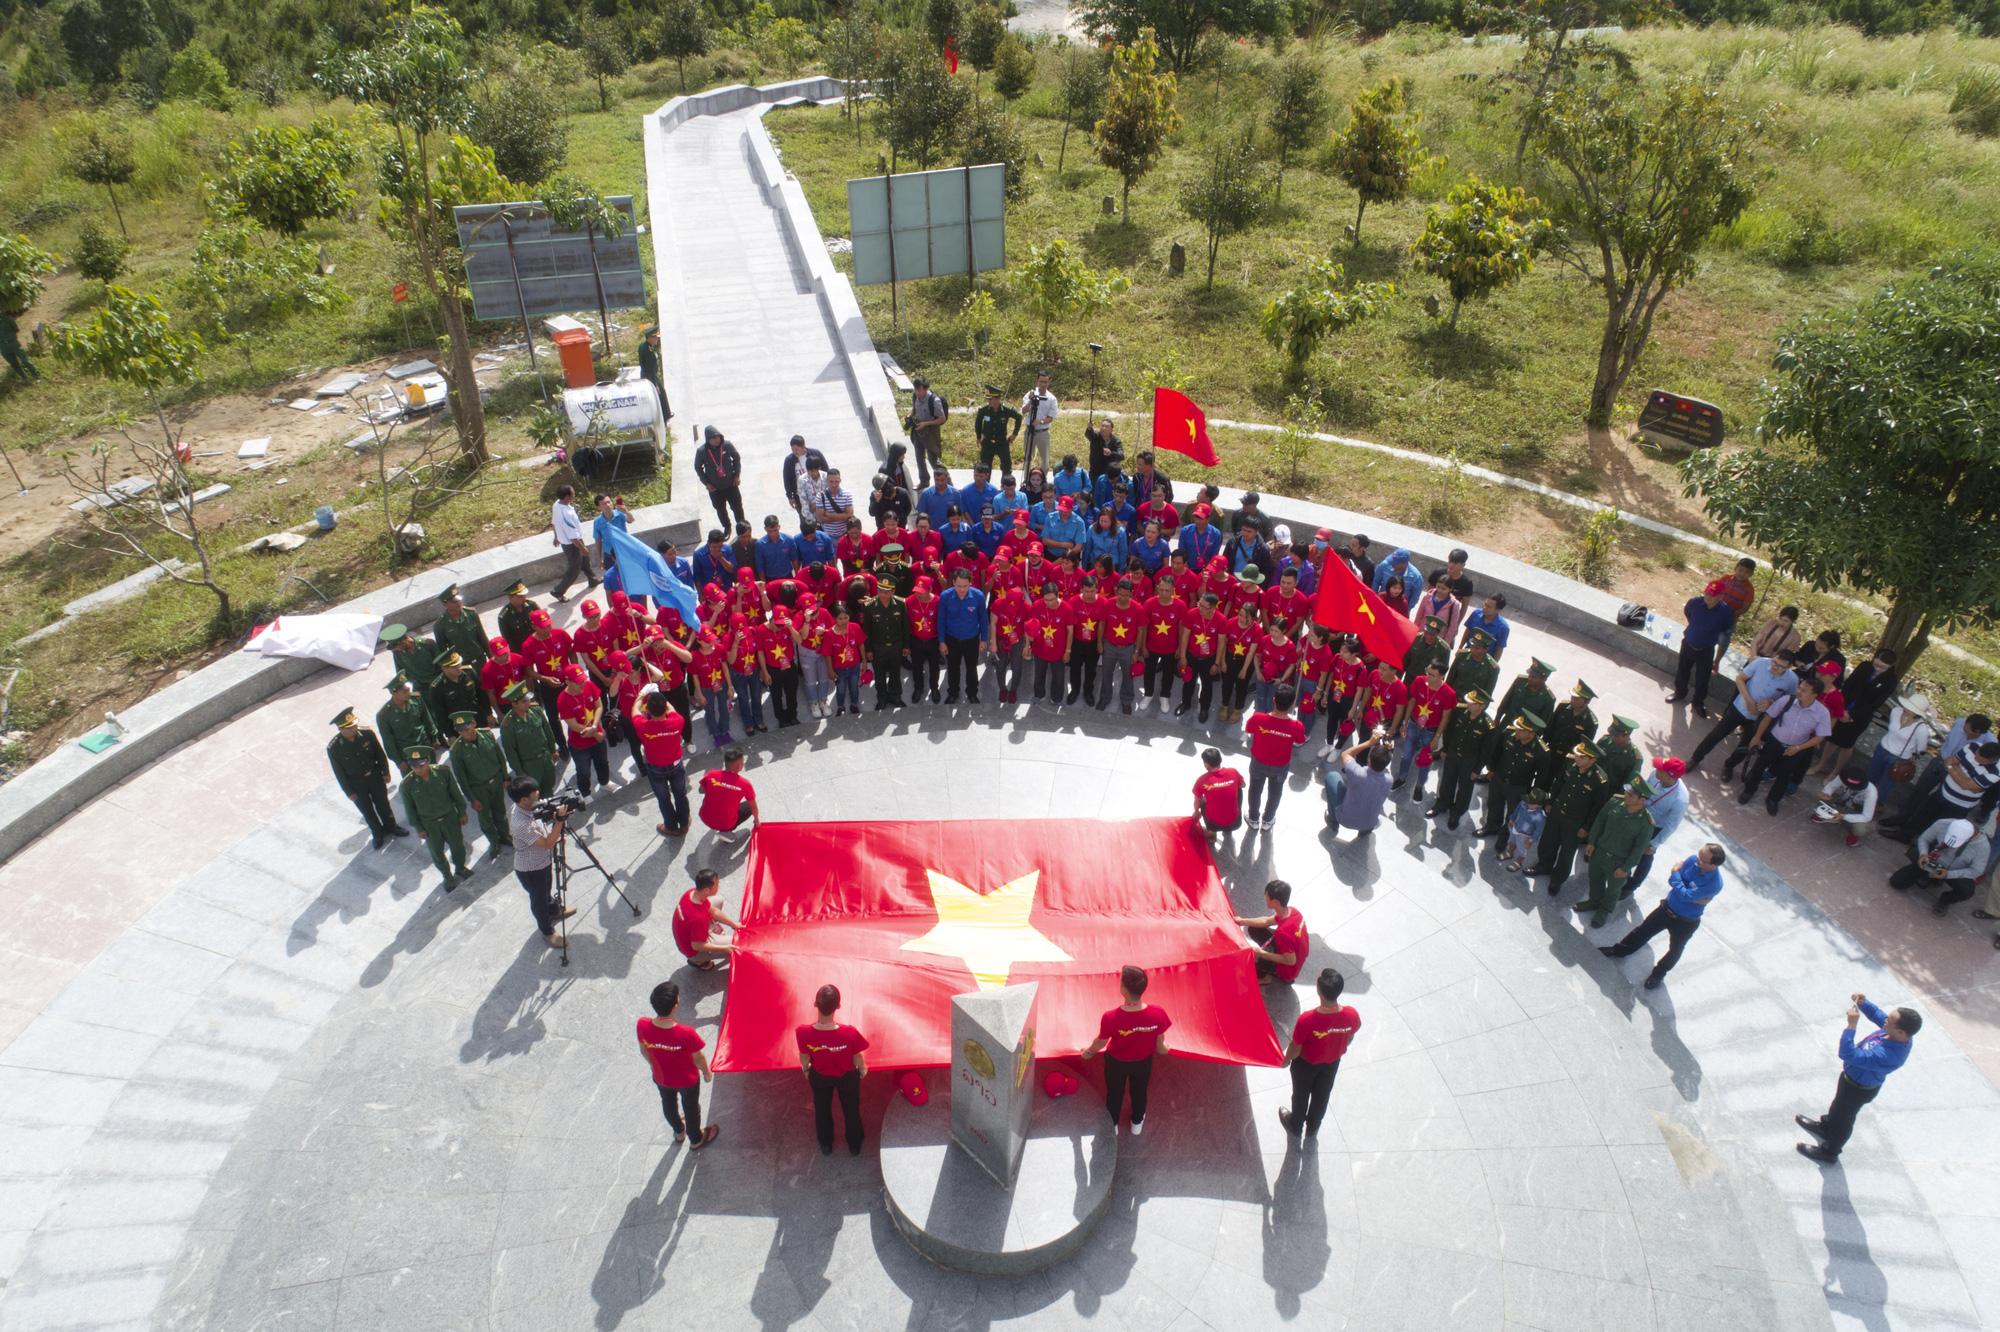 Thanh niên Tây Nguyên gìn giữ bản sắc dân tộc, bảo vệ tổ quốc - Ảnh 10.